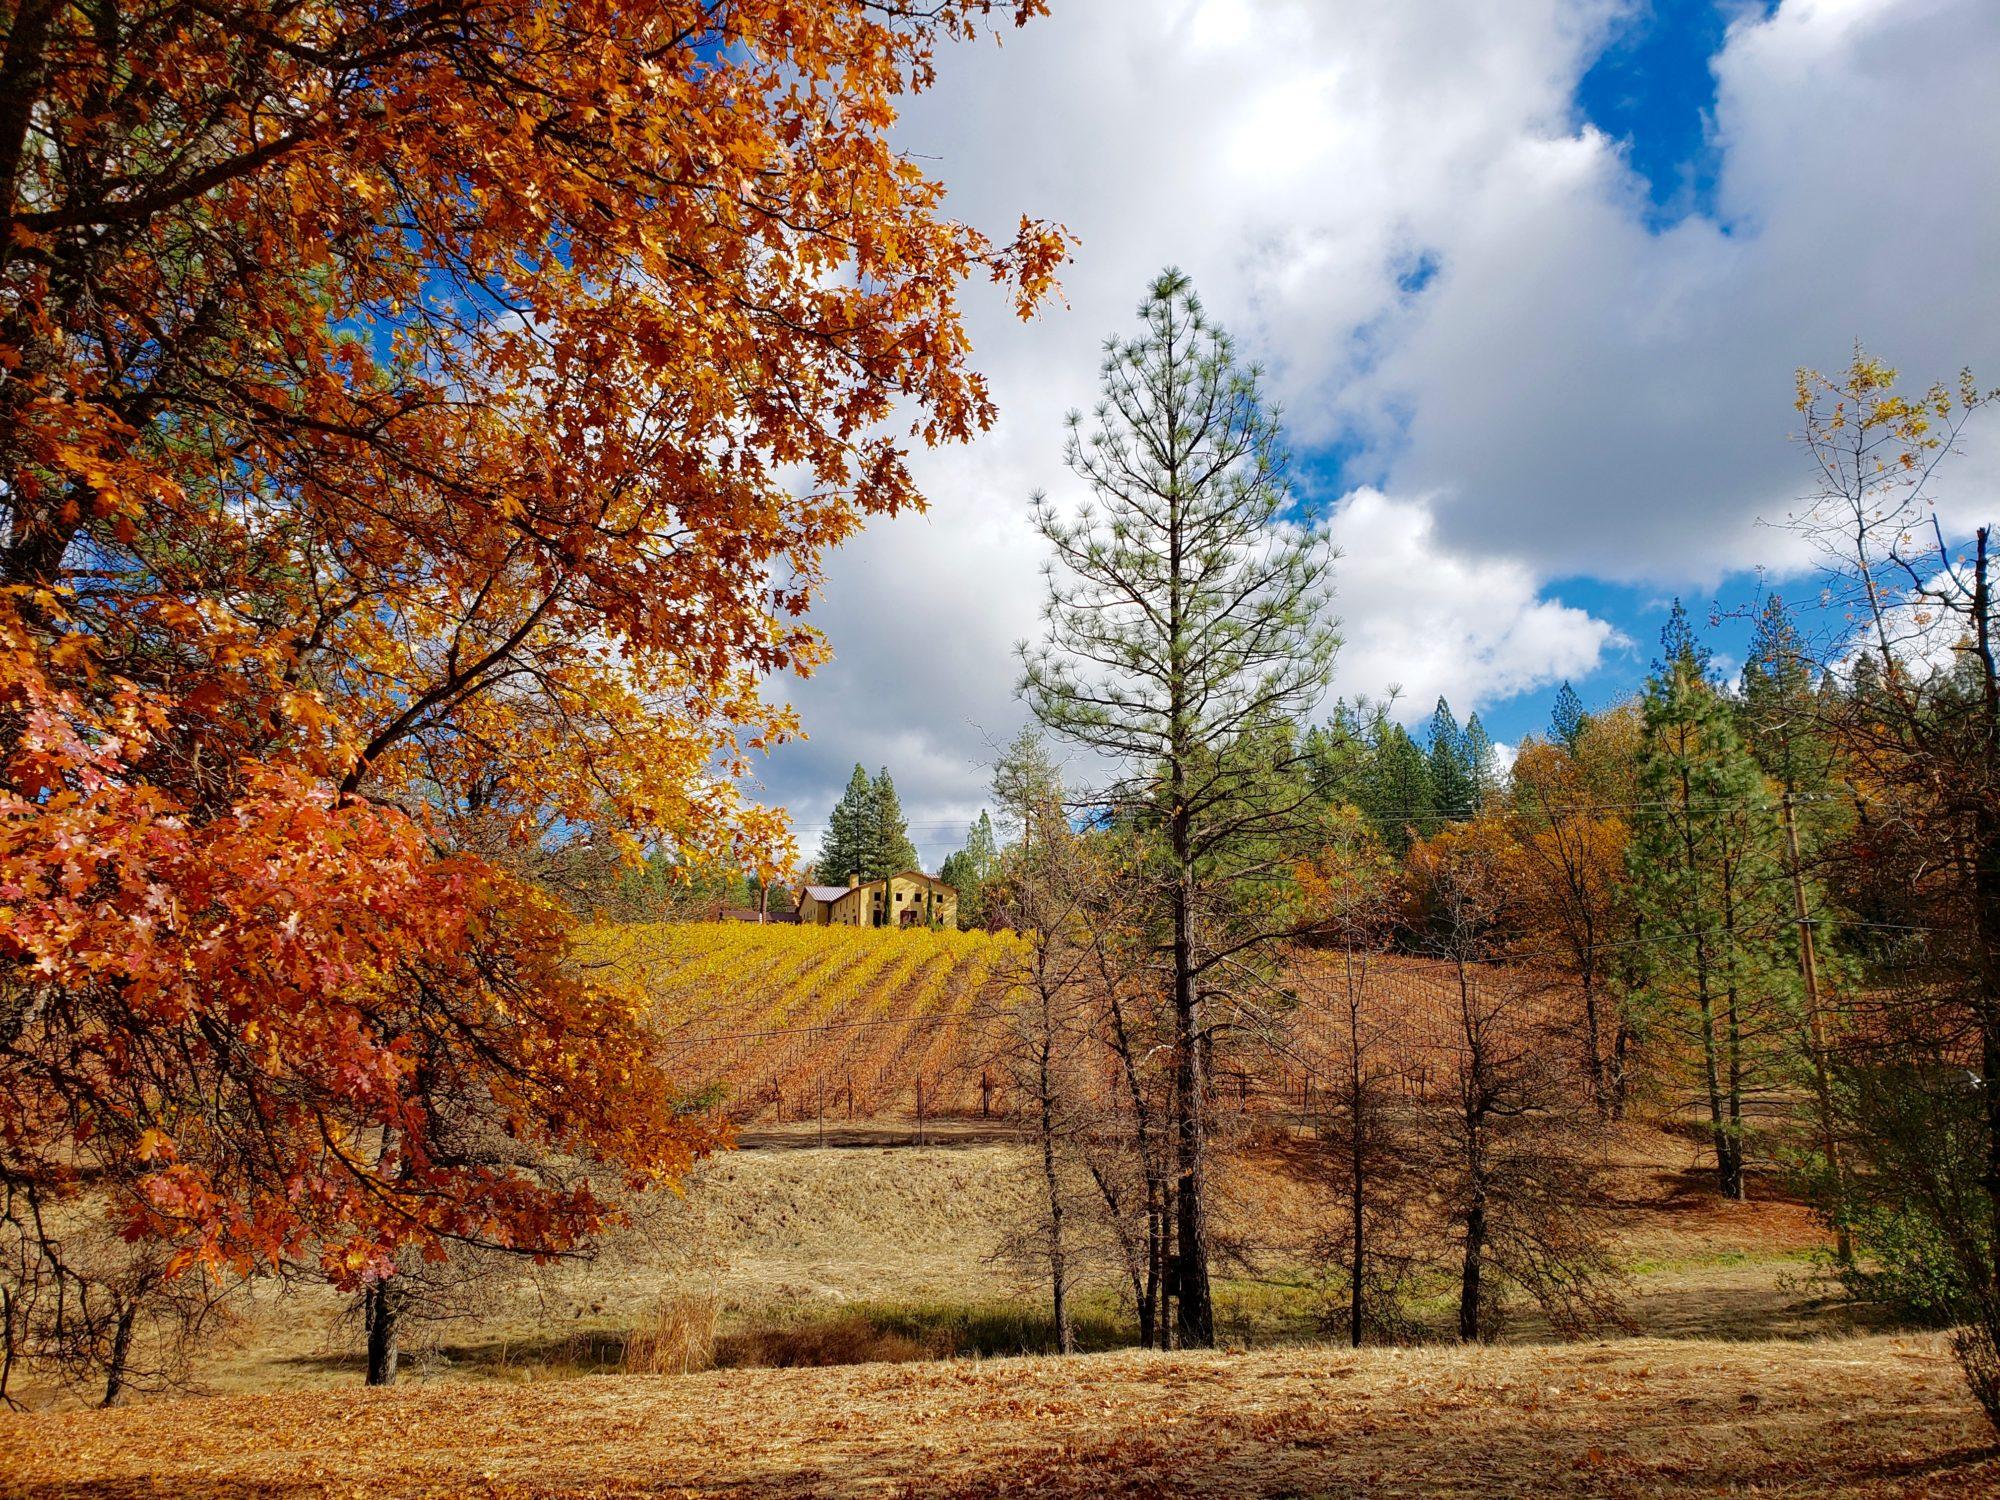 Fall at Miraflores Winery